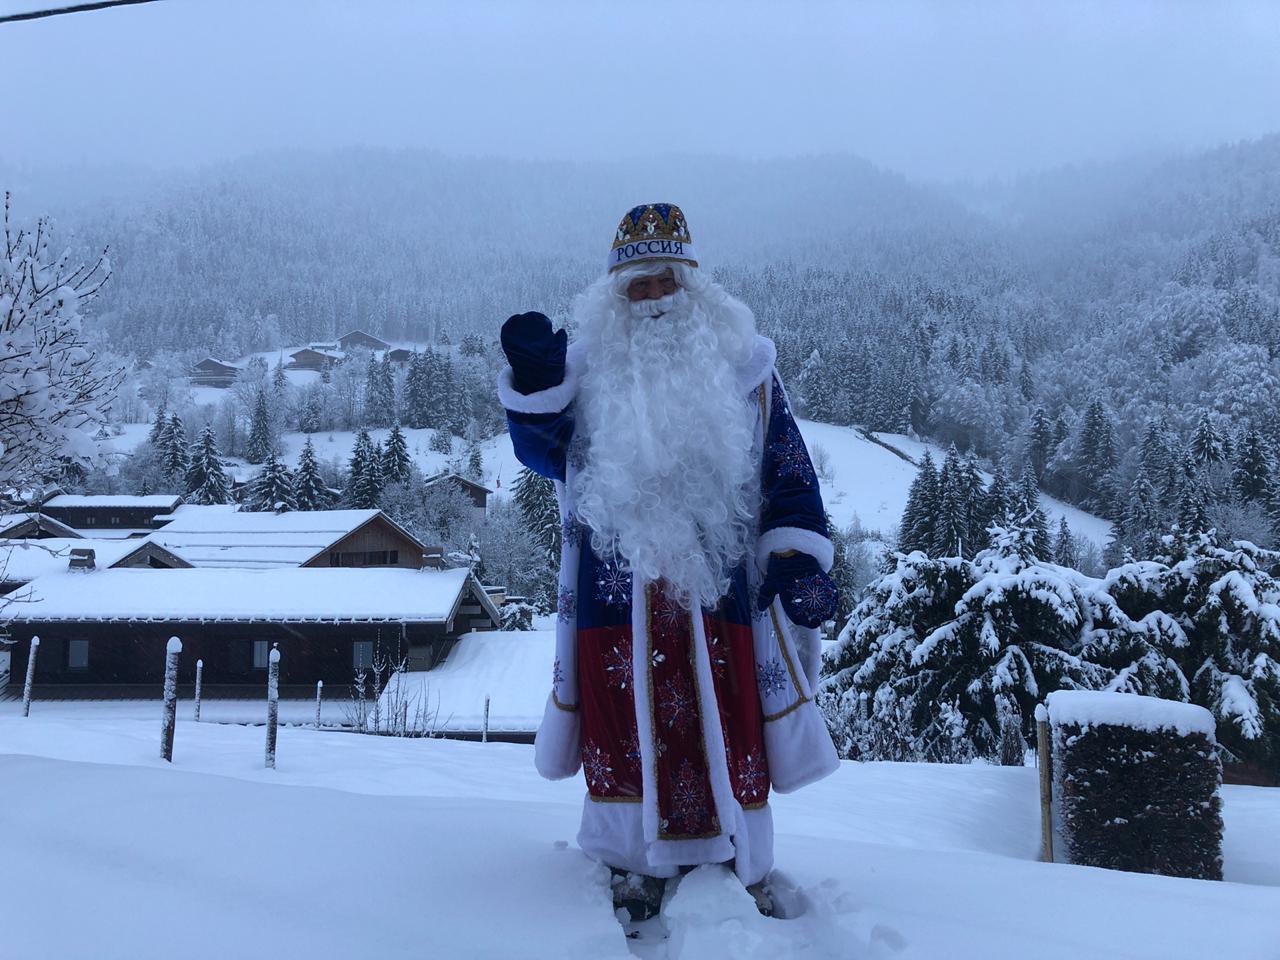 Российский спортивный Дед Мороз: Для меня главное - эмоции людей